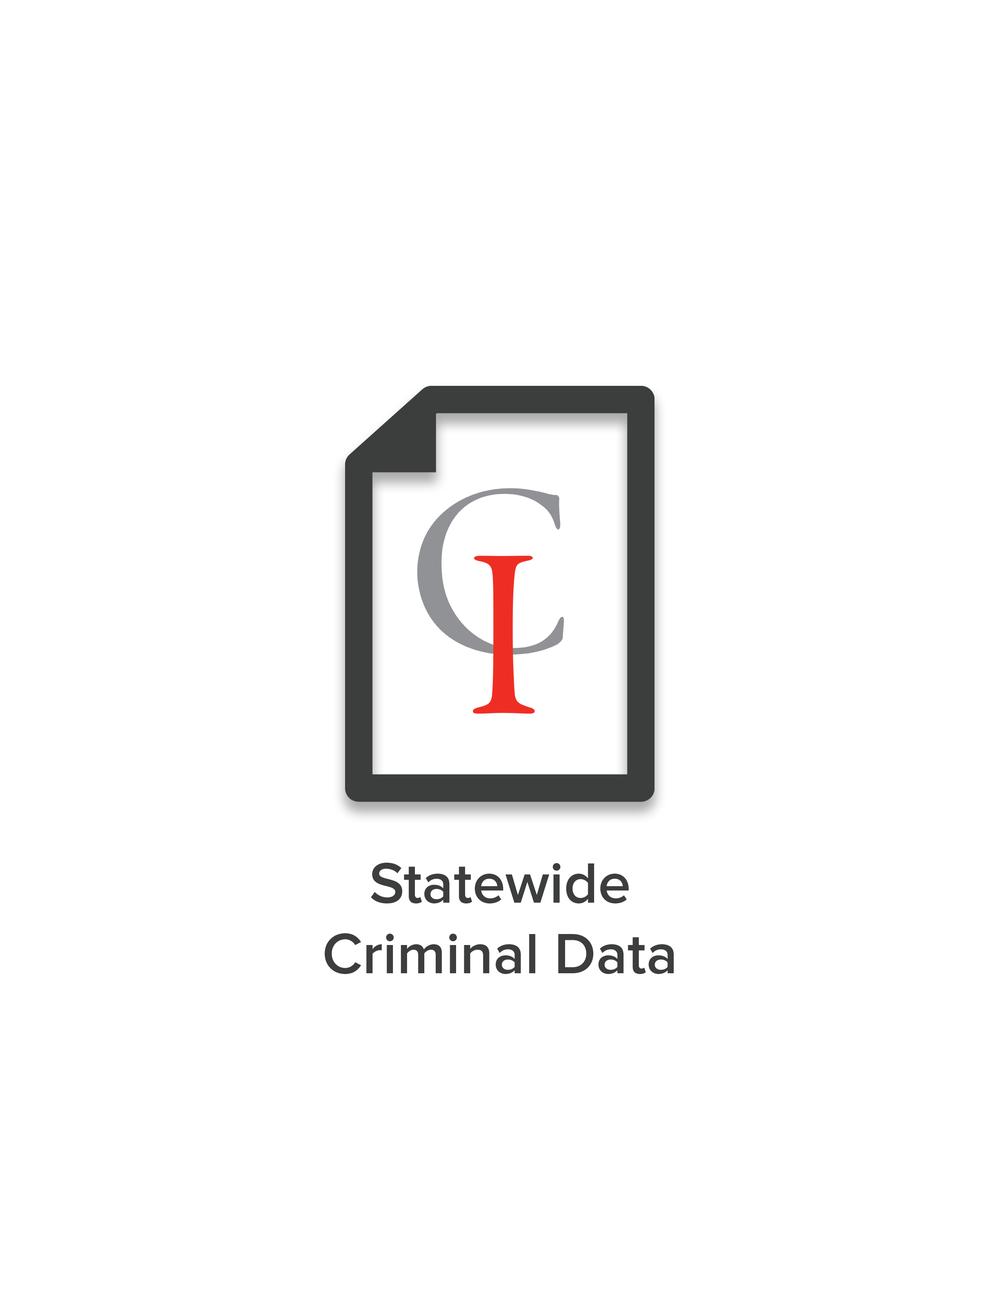 statewide criminal data logo.png